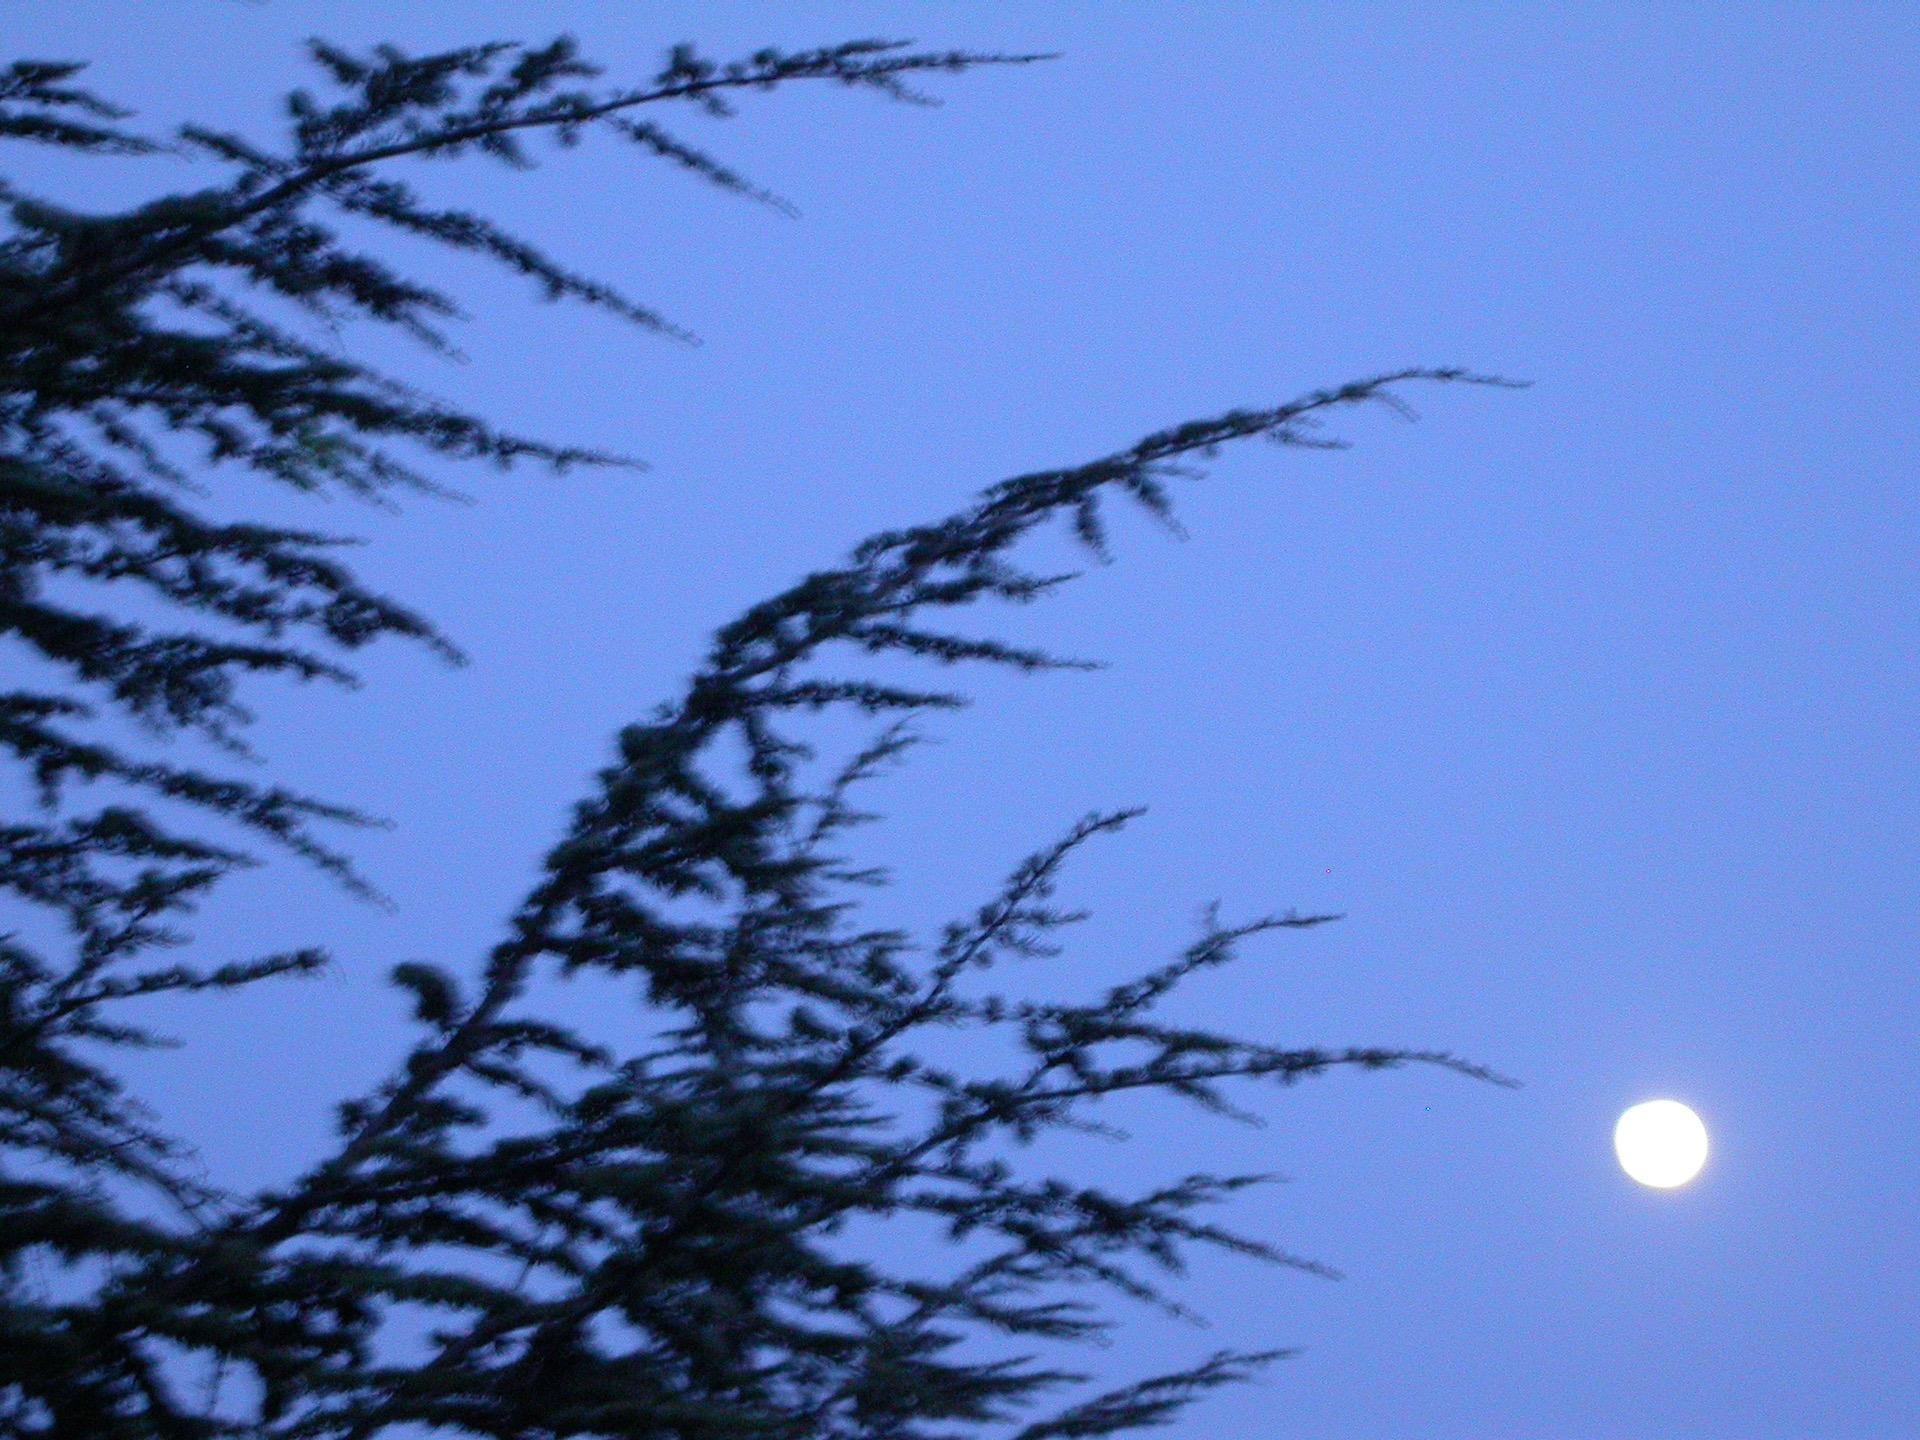 BLEU 4 (Les arbres dansent) - Blandine Armand - série photos